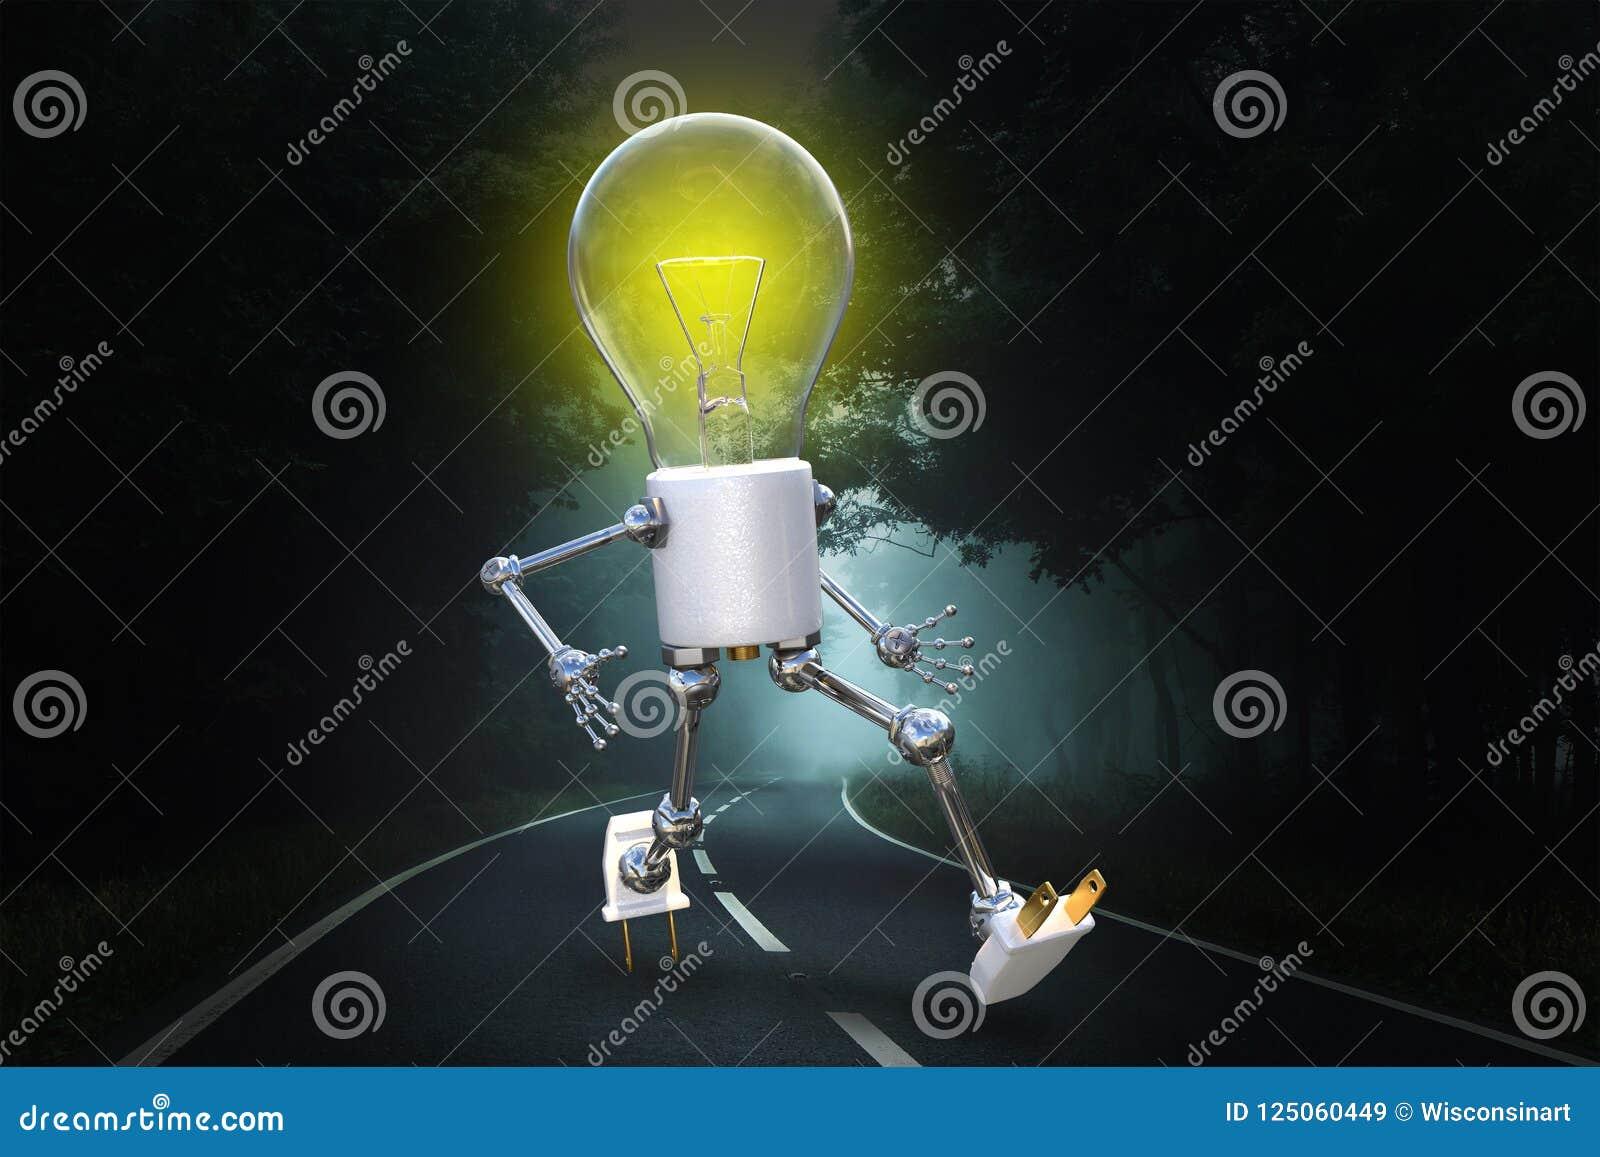 明亮的想法,创新,目标,成功,电灯泡